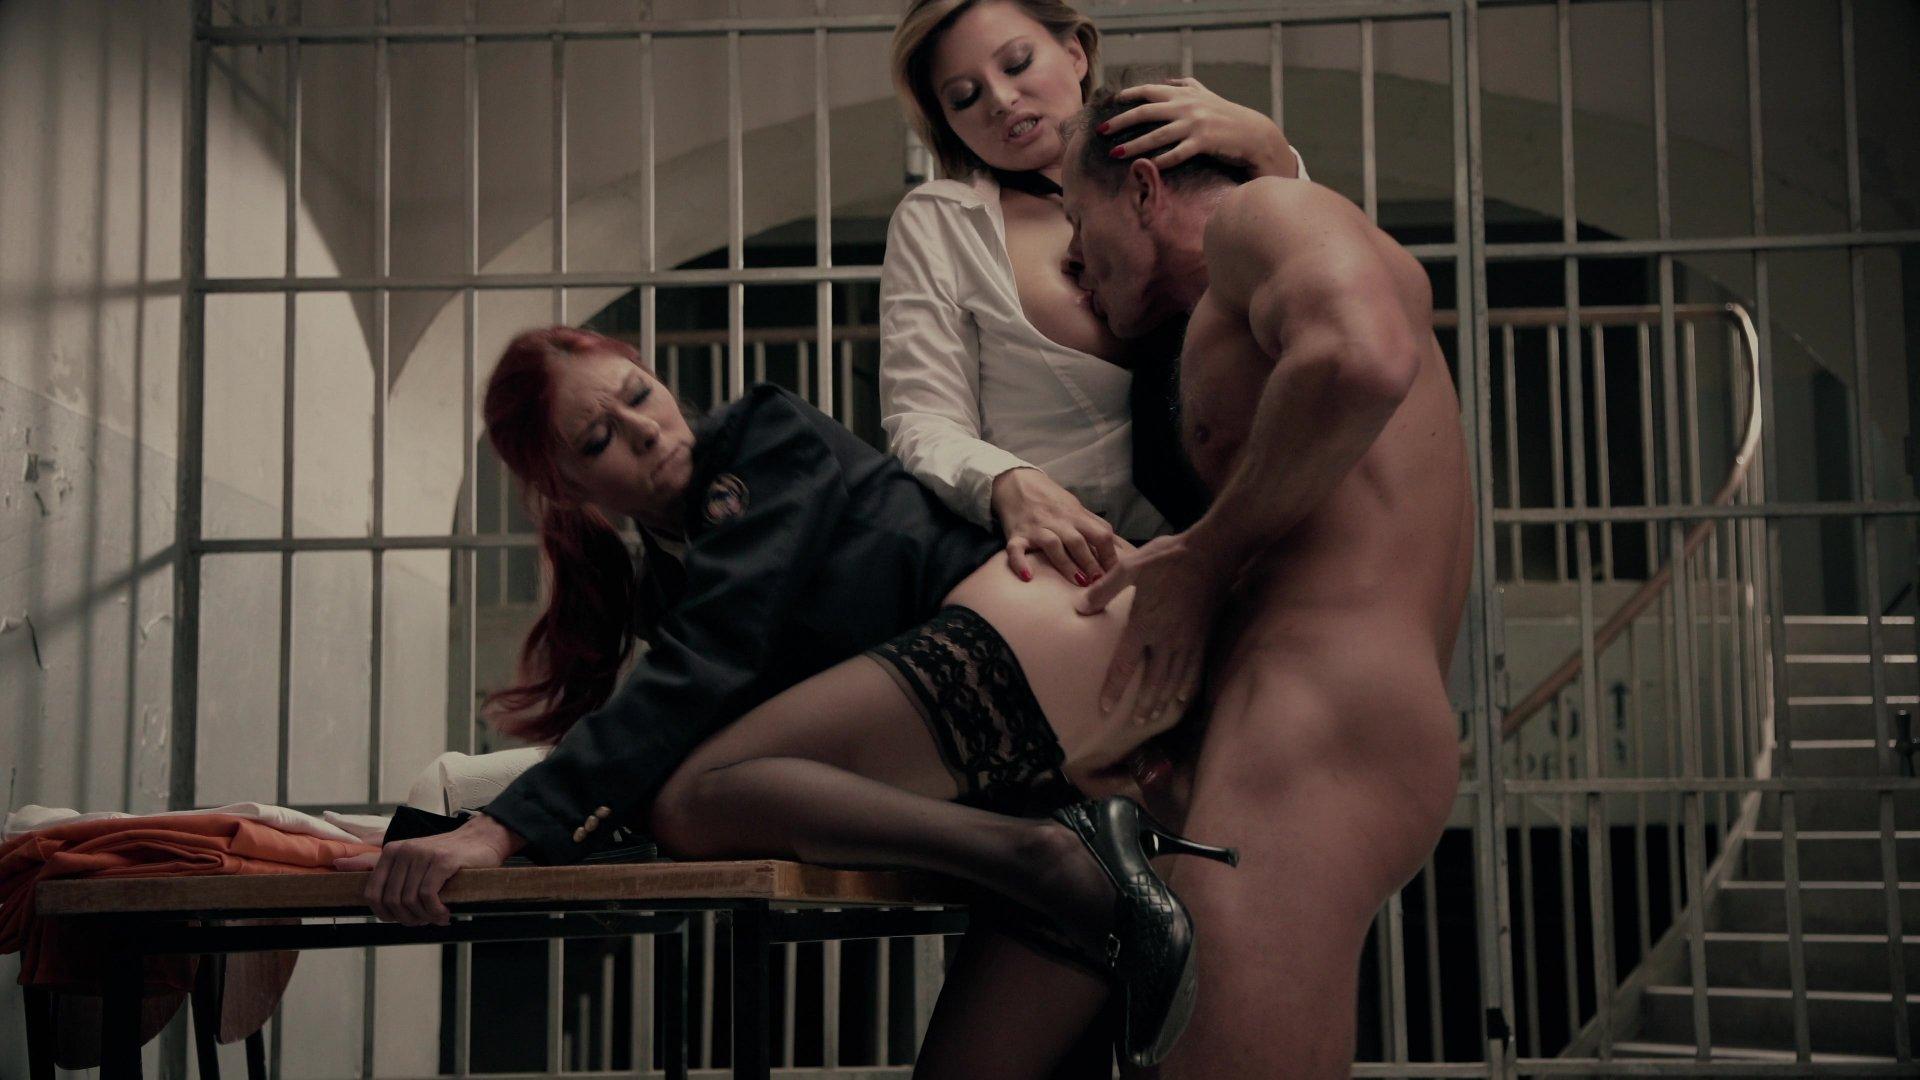 Sex in women s prisons